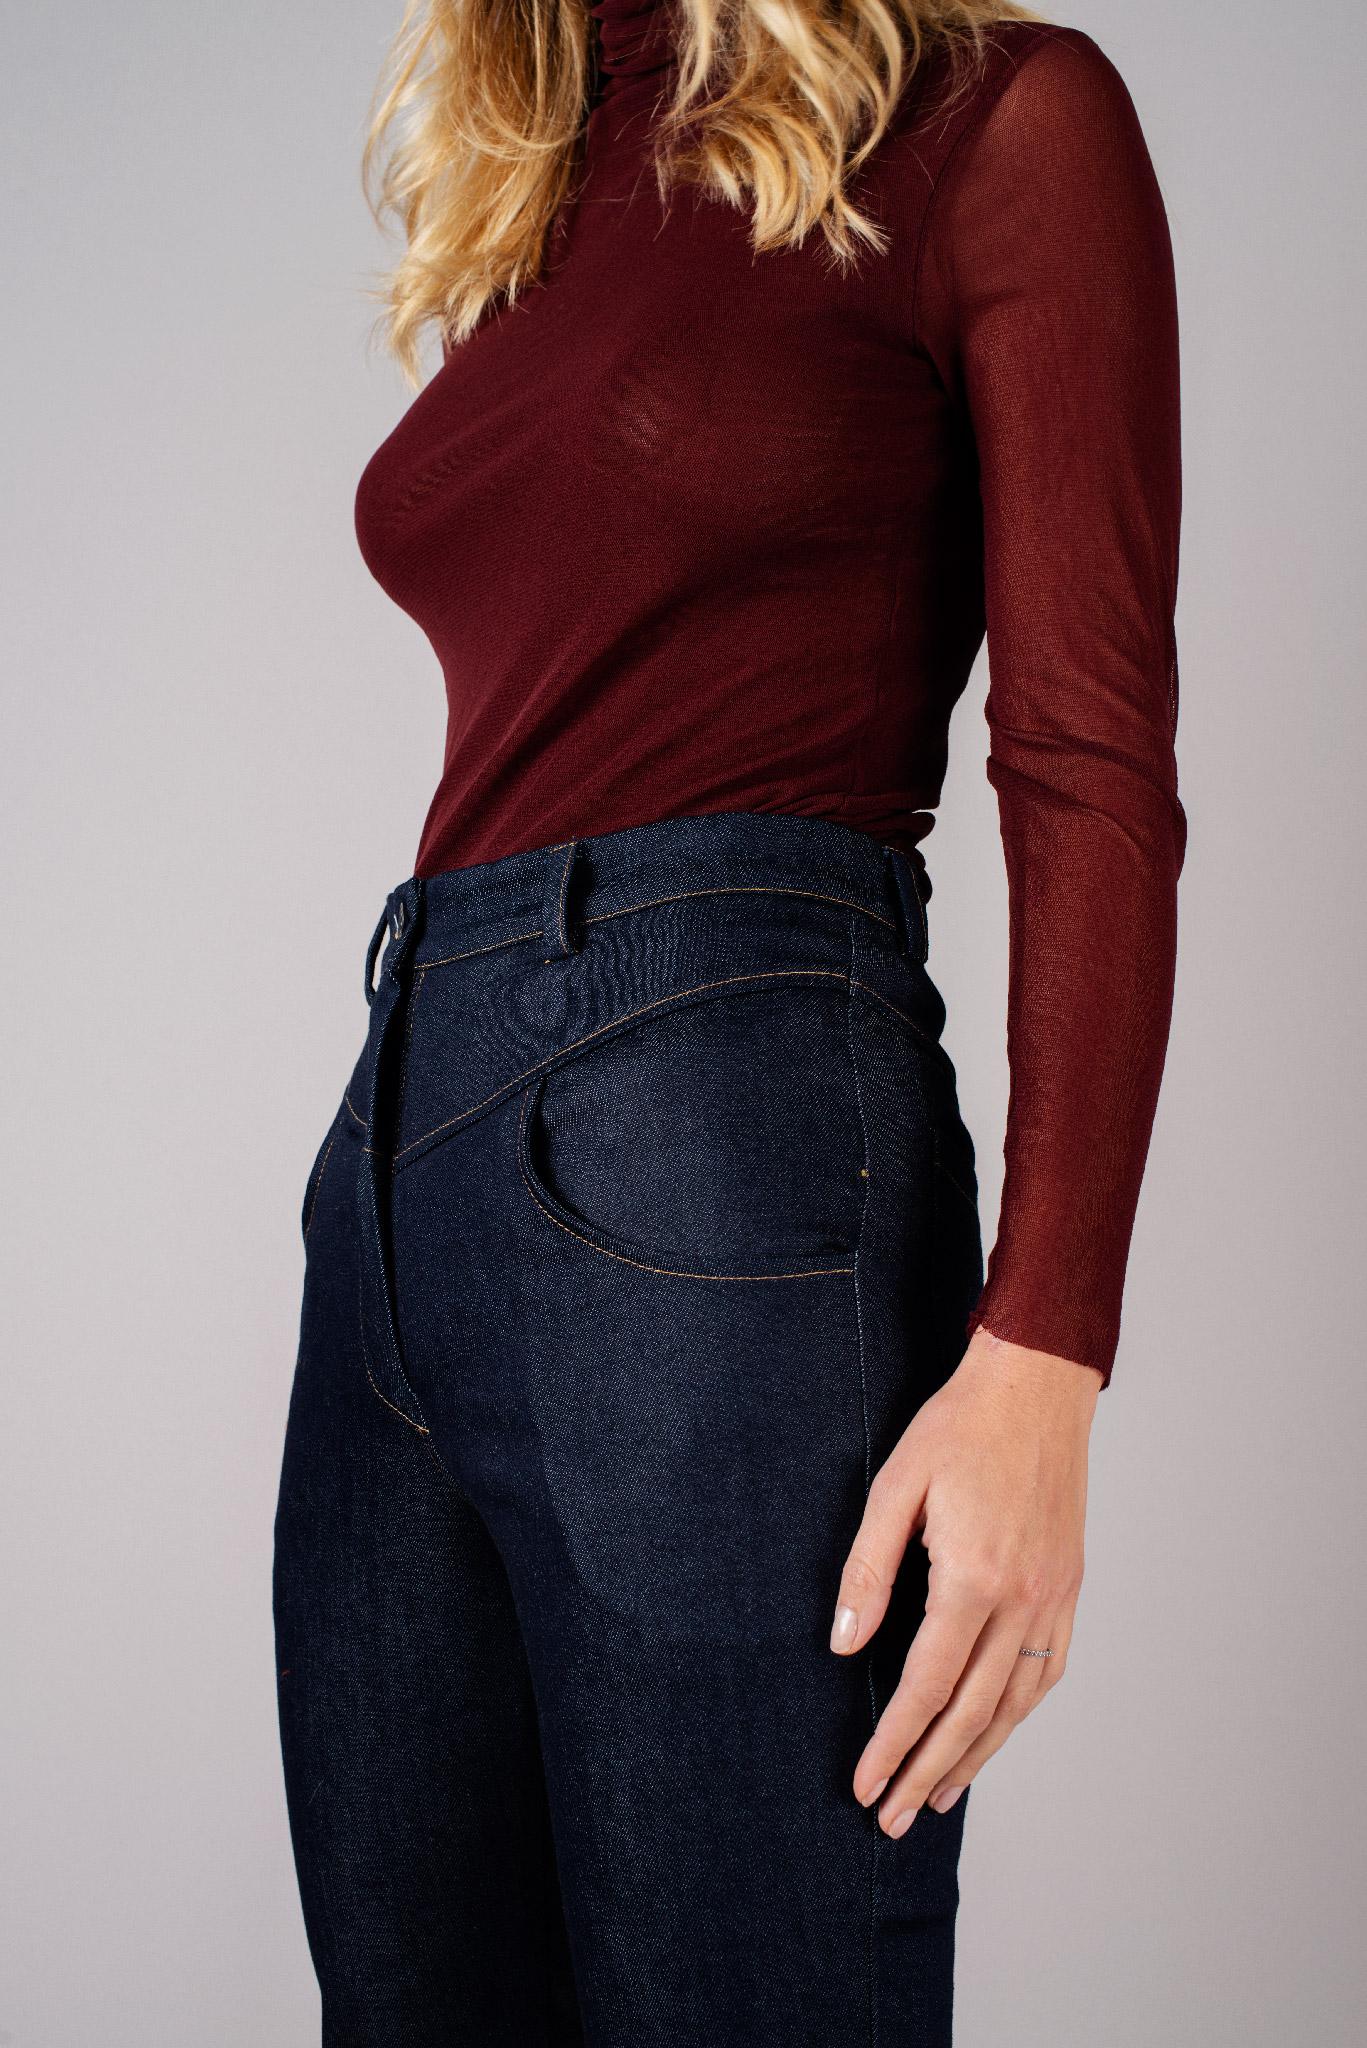 Pantalon jean brut